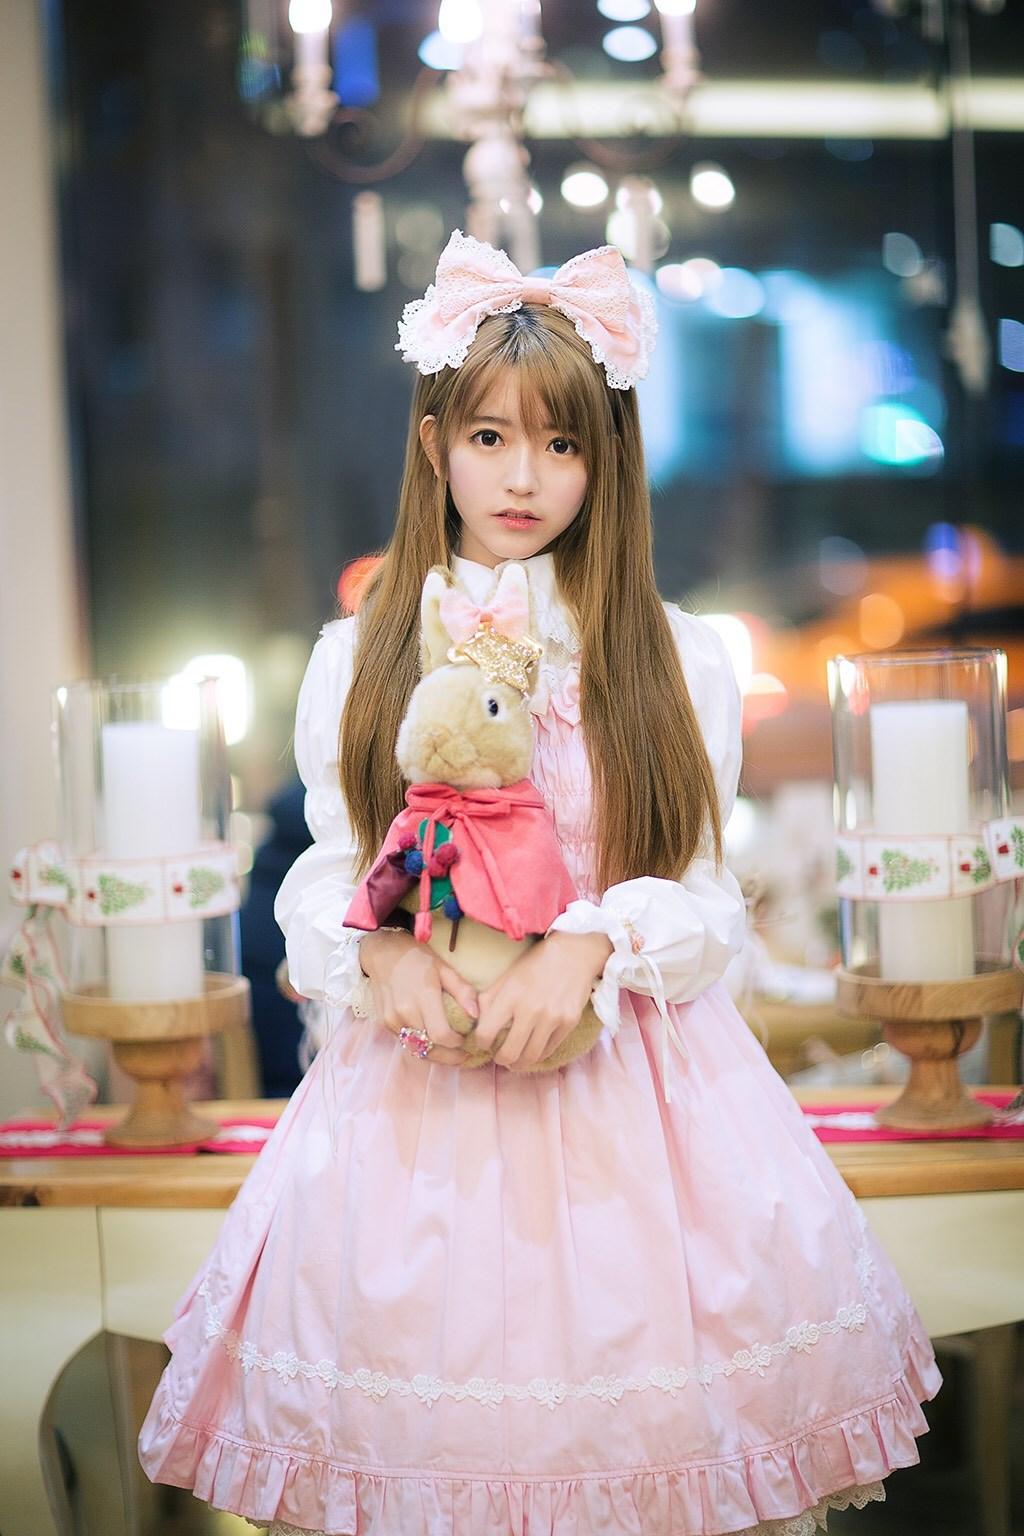 【兔玩映画】Yurisa 兔玩映画 第61张